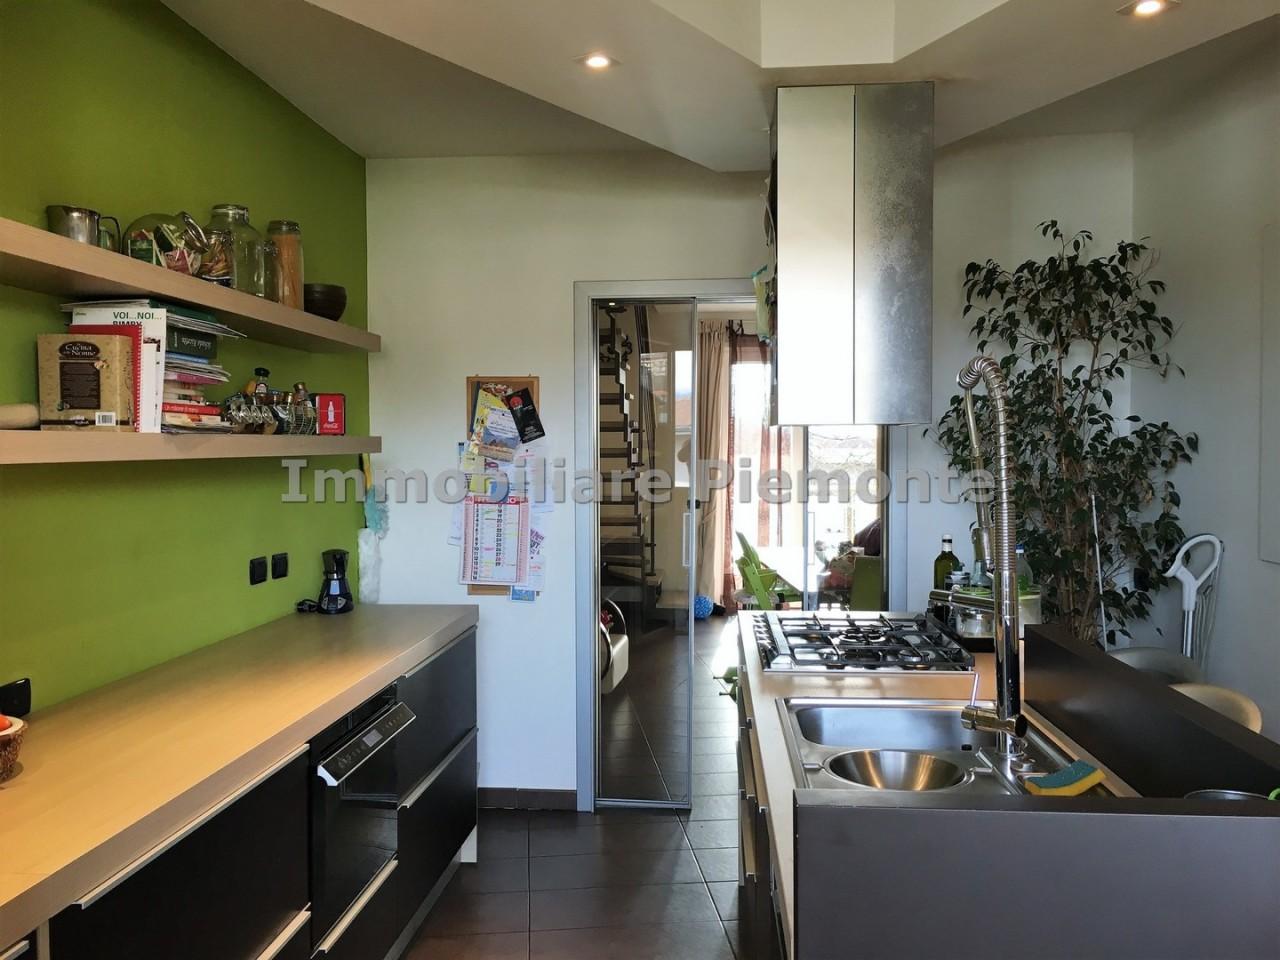 Appartamento - Duplex a Borgomanero